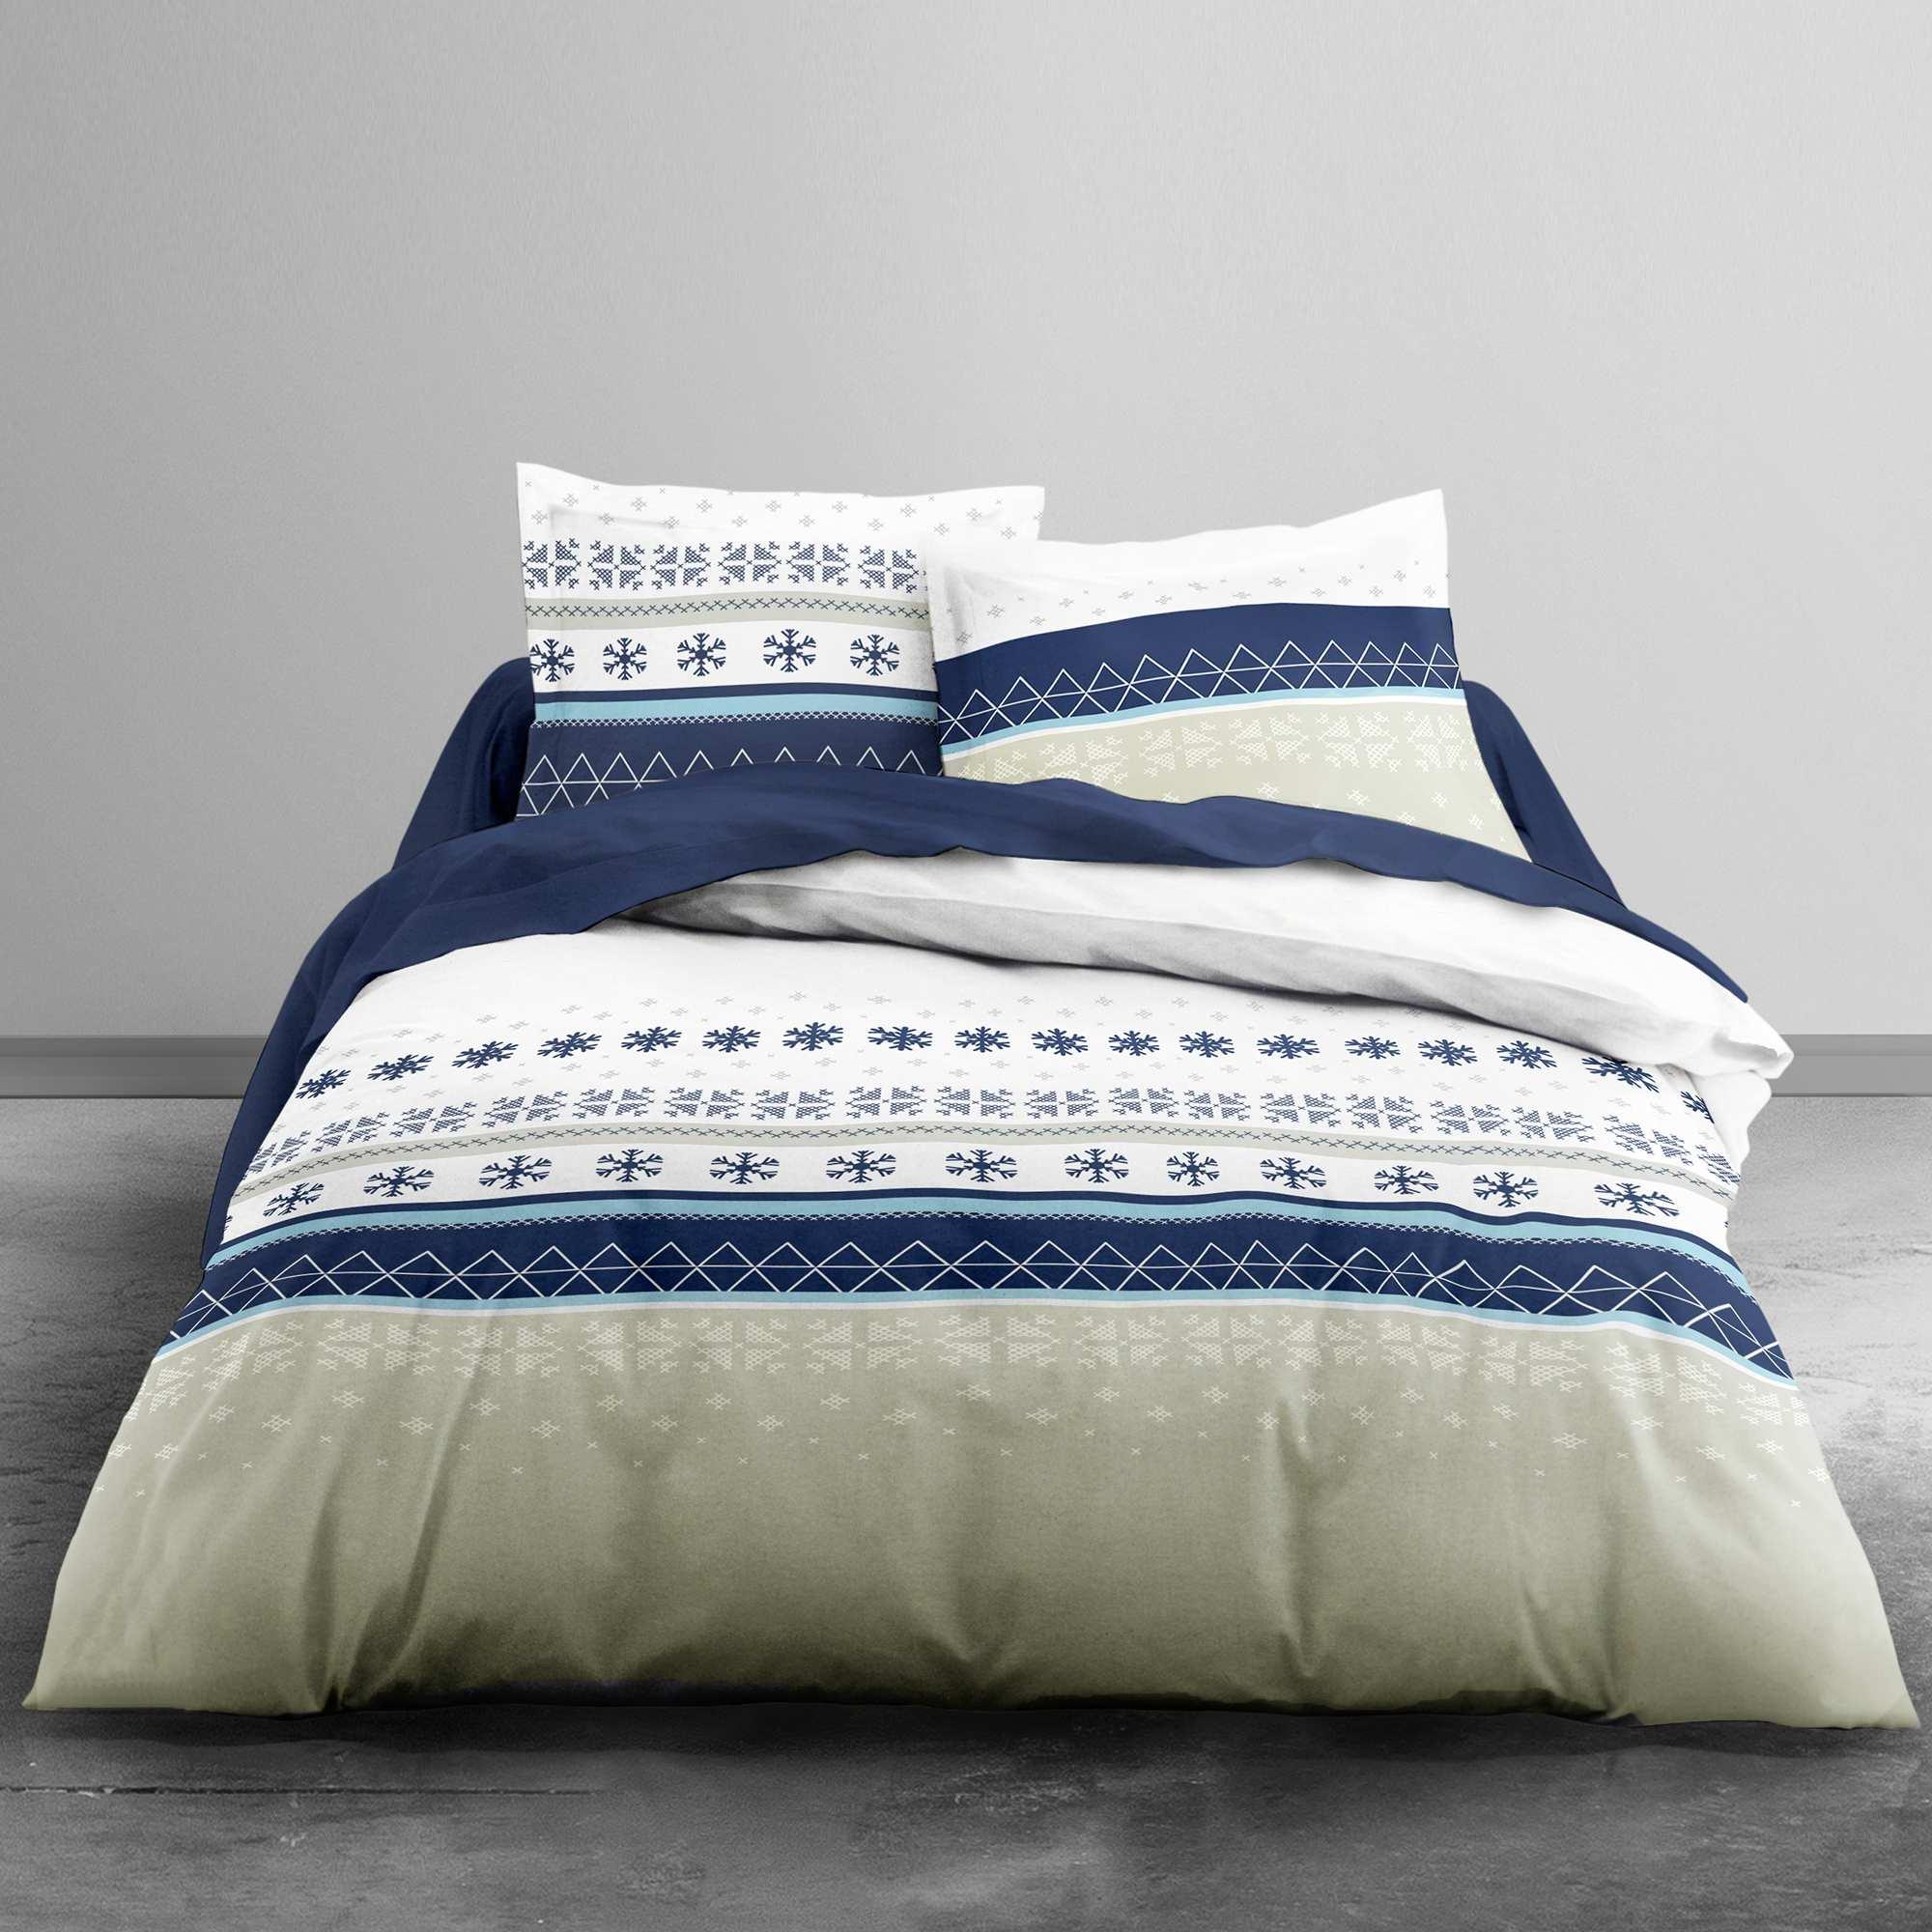 Couleur : beige/bleu, , ,, - Taille : 240x220, , ,,On recrée l'ambiance chalet montagnard à la maison ! - Parure de lit 2 personnes -